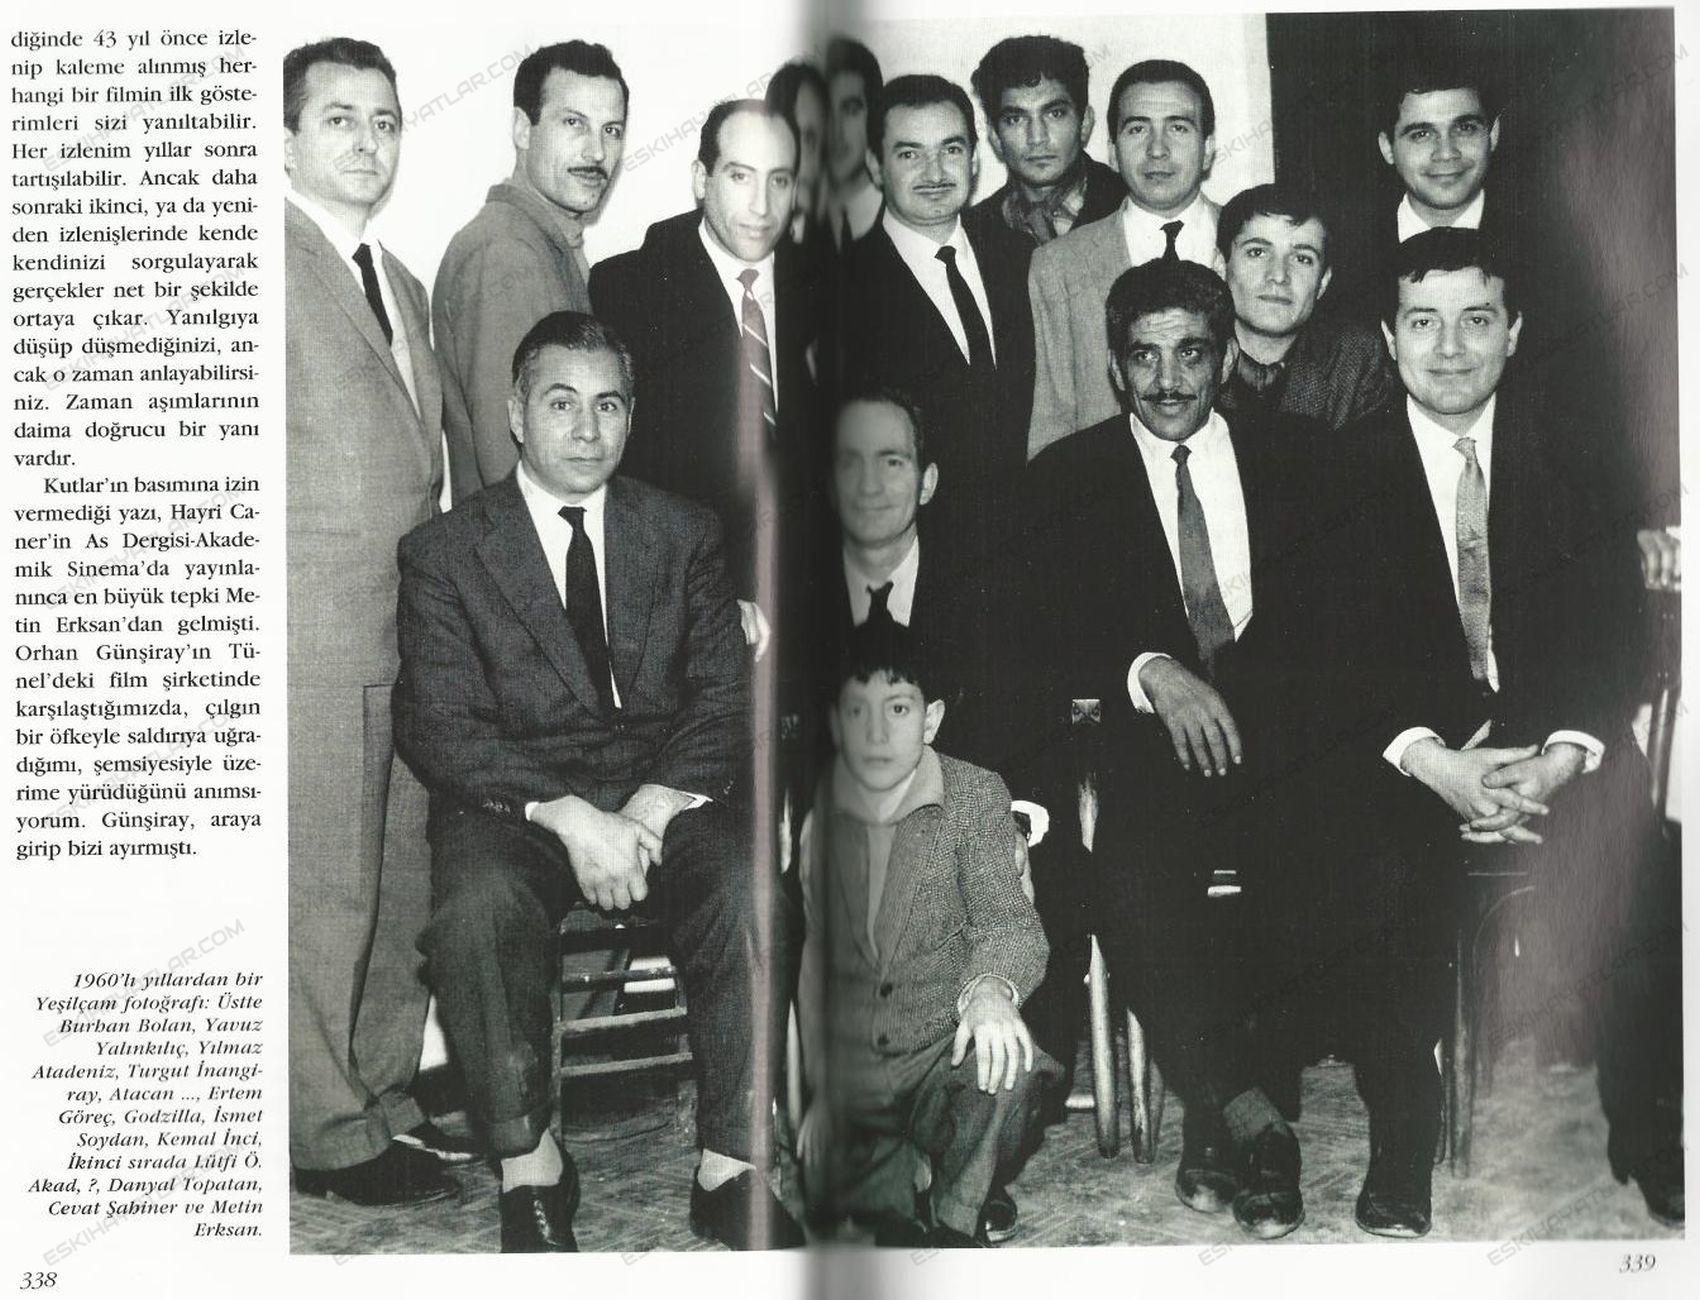 0137-metin-erksan-filmleri-altmisli-yillarda-sinema-filmlerinde-sansur-turk-sinemasinin-marjinalleri-ve-orijinalleri-agah-ozguc (3)